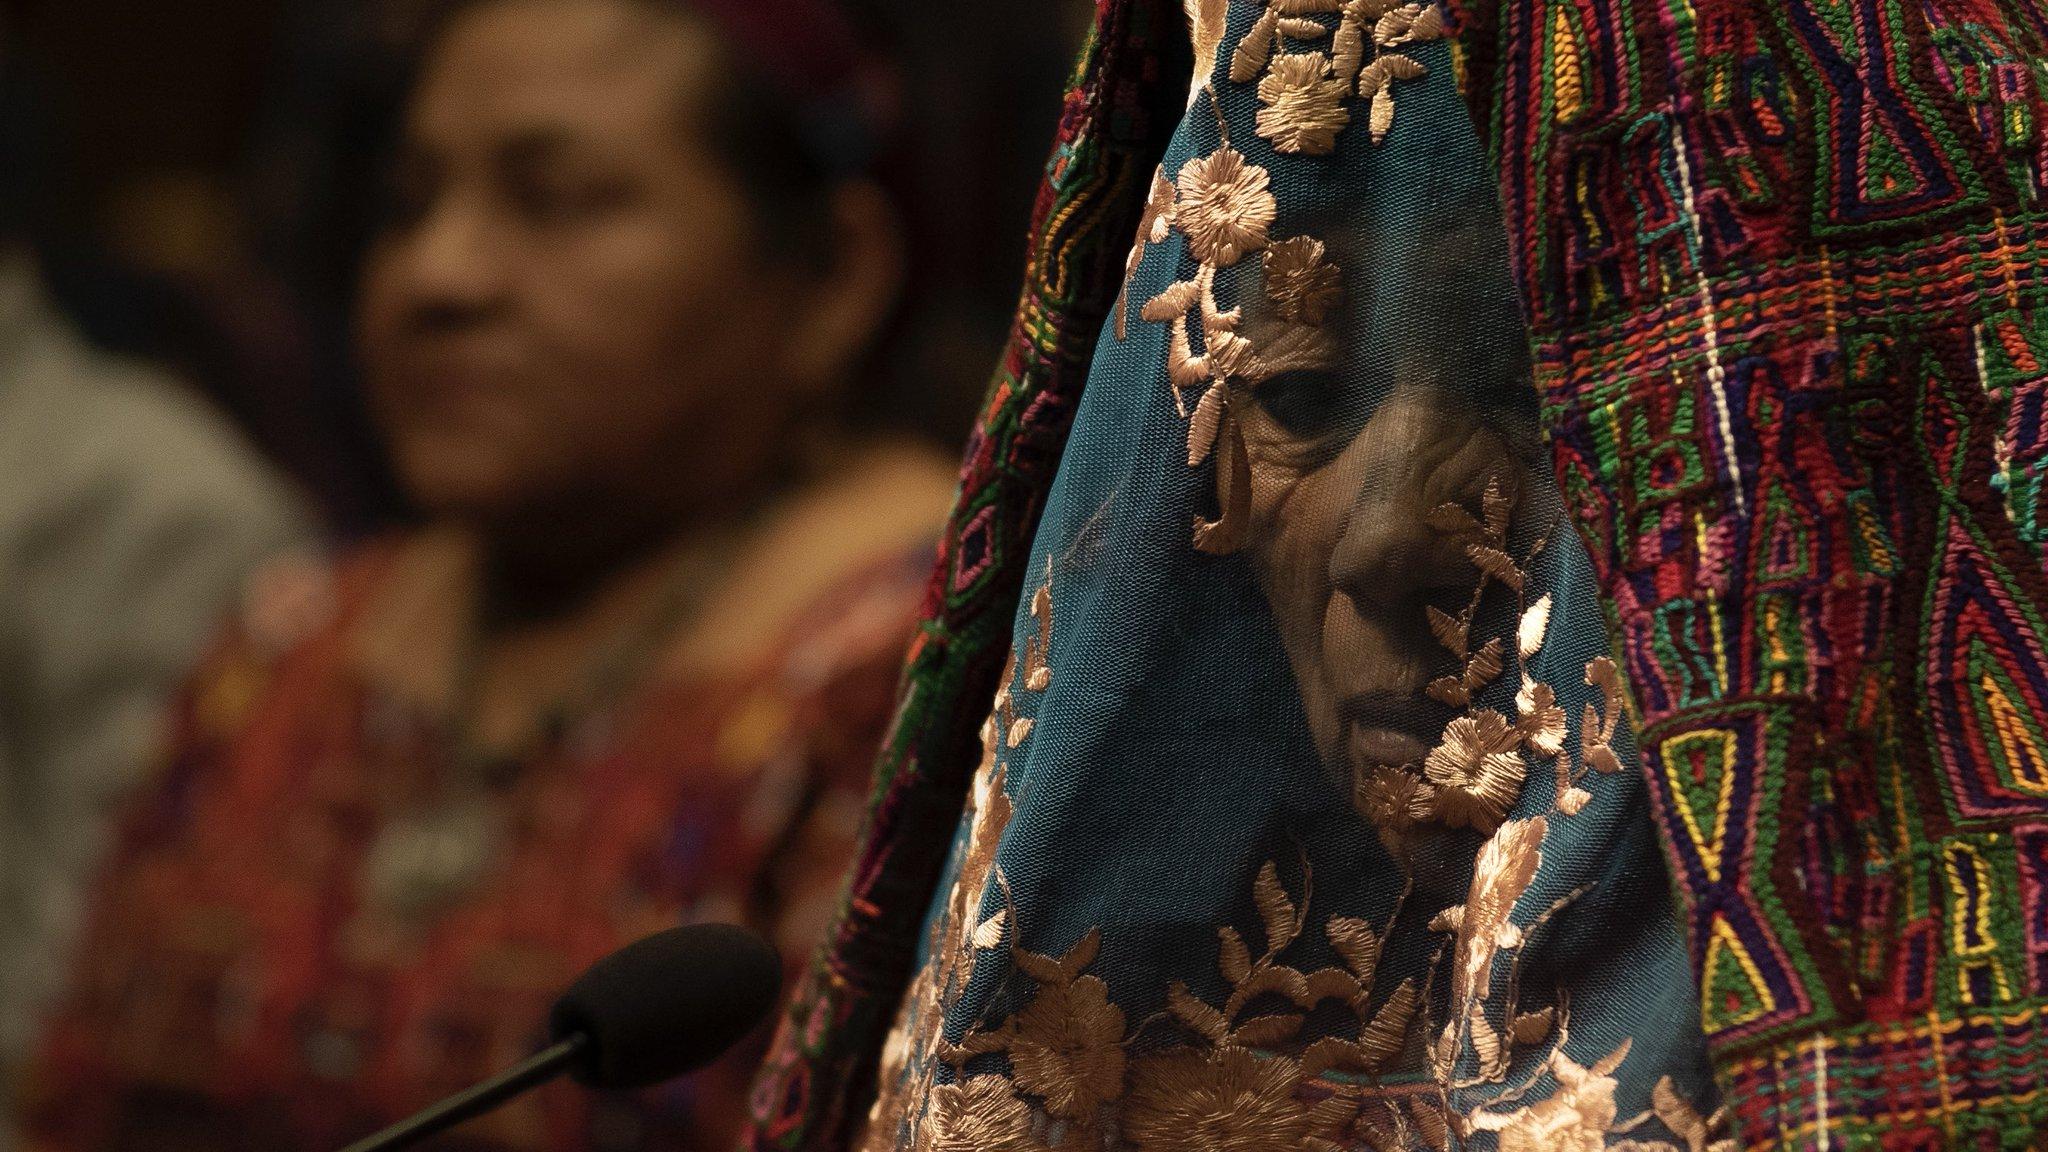 Cena do filme La Llorona. À frente e à direita, uma senhora com o rosto parcialmente coberto por um véu de padrões nativos, com cores vivas, que variam entre azul, roxo, verde e vermelho e detalhes floridos. Possui uma feição triste e aguarda em frente a um microfone. Atrás e à sua esquerda vemos uma imagem desfocada de Rigoberta Menchú, uma mulher indígena, com um colar e uma blusa laranja florida.